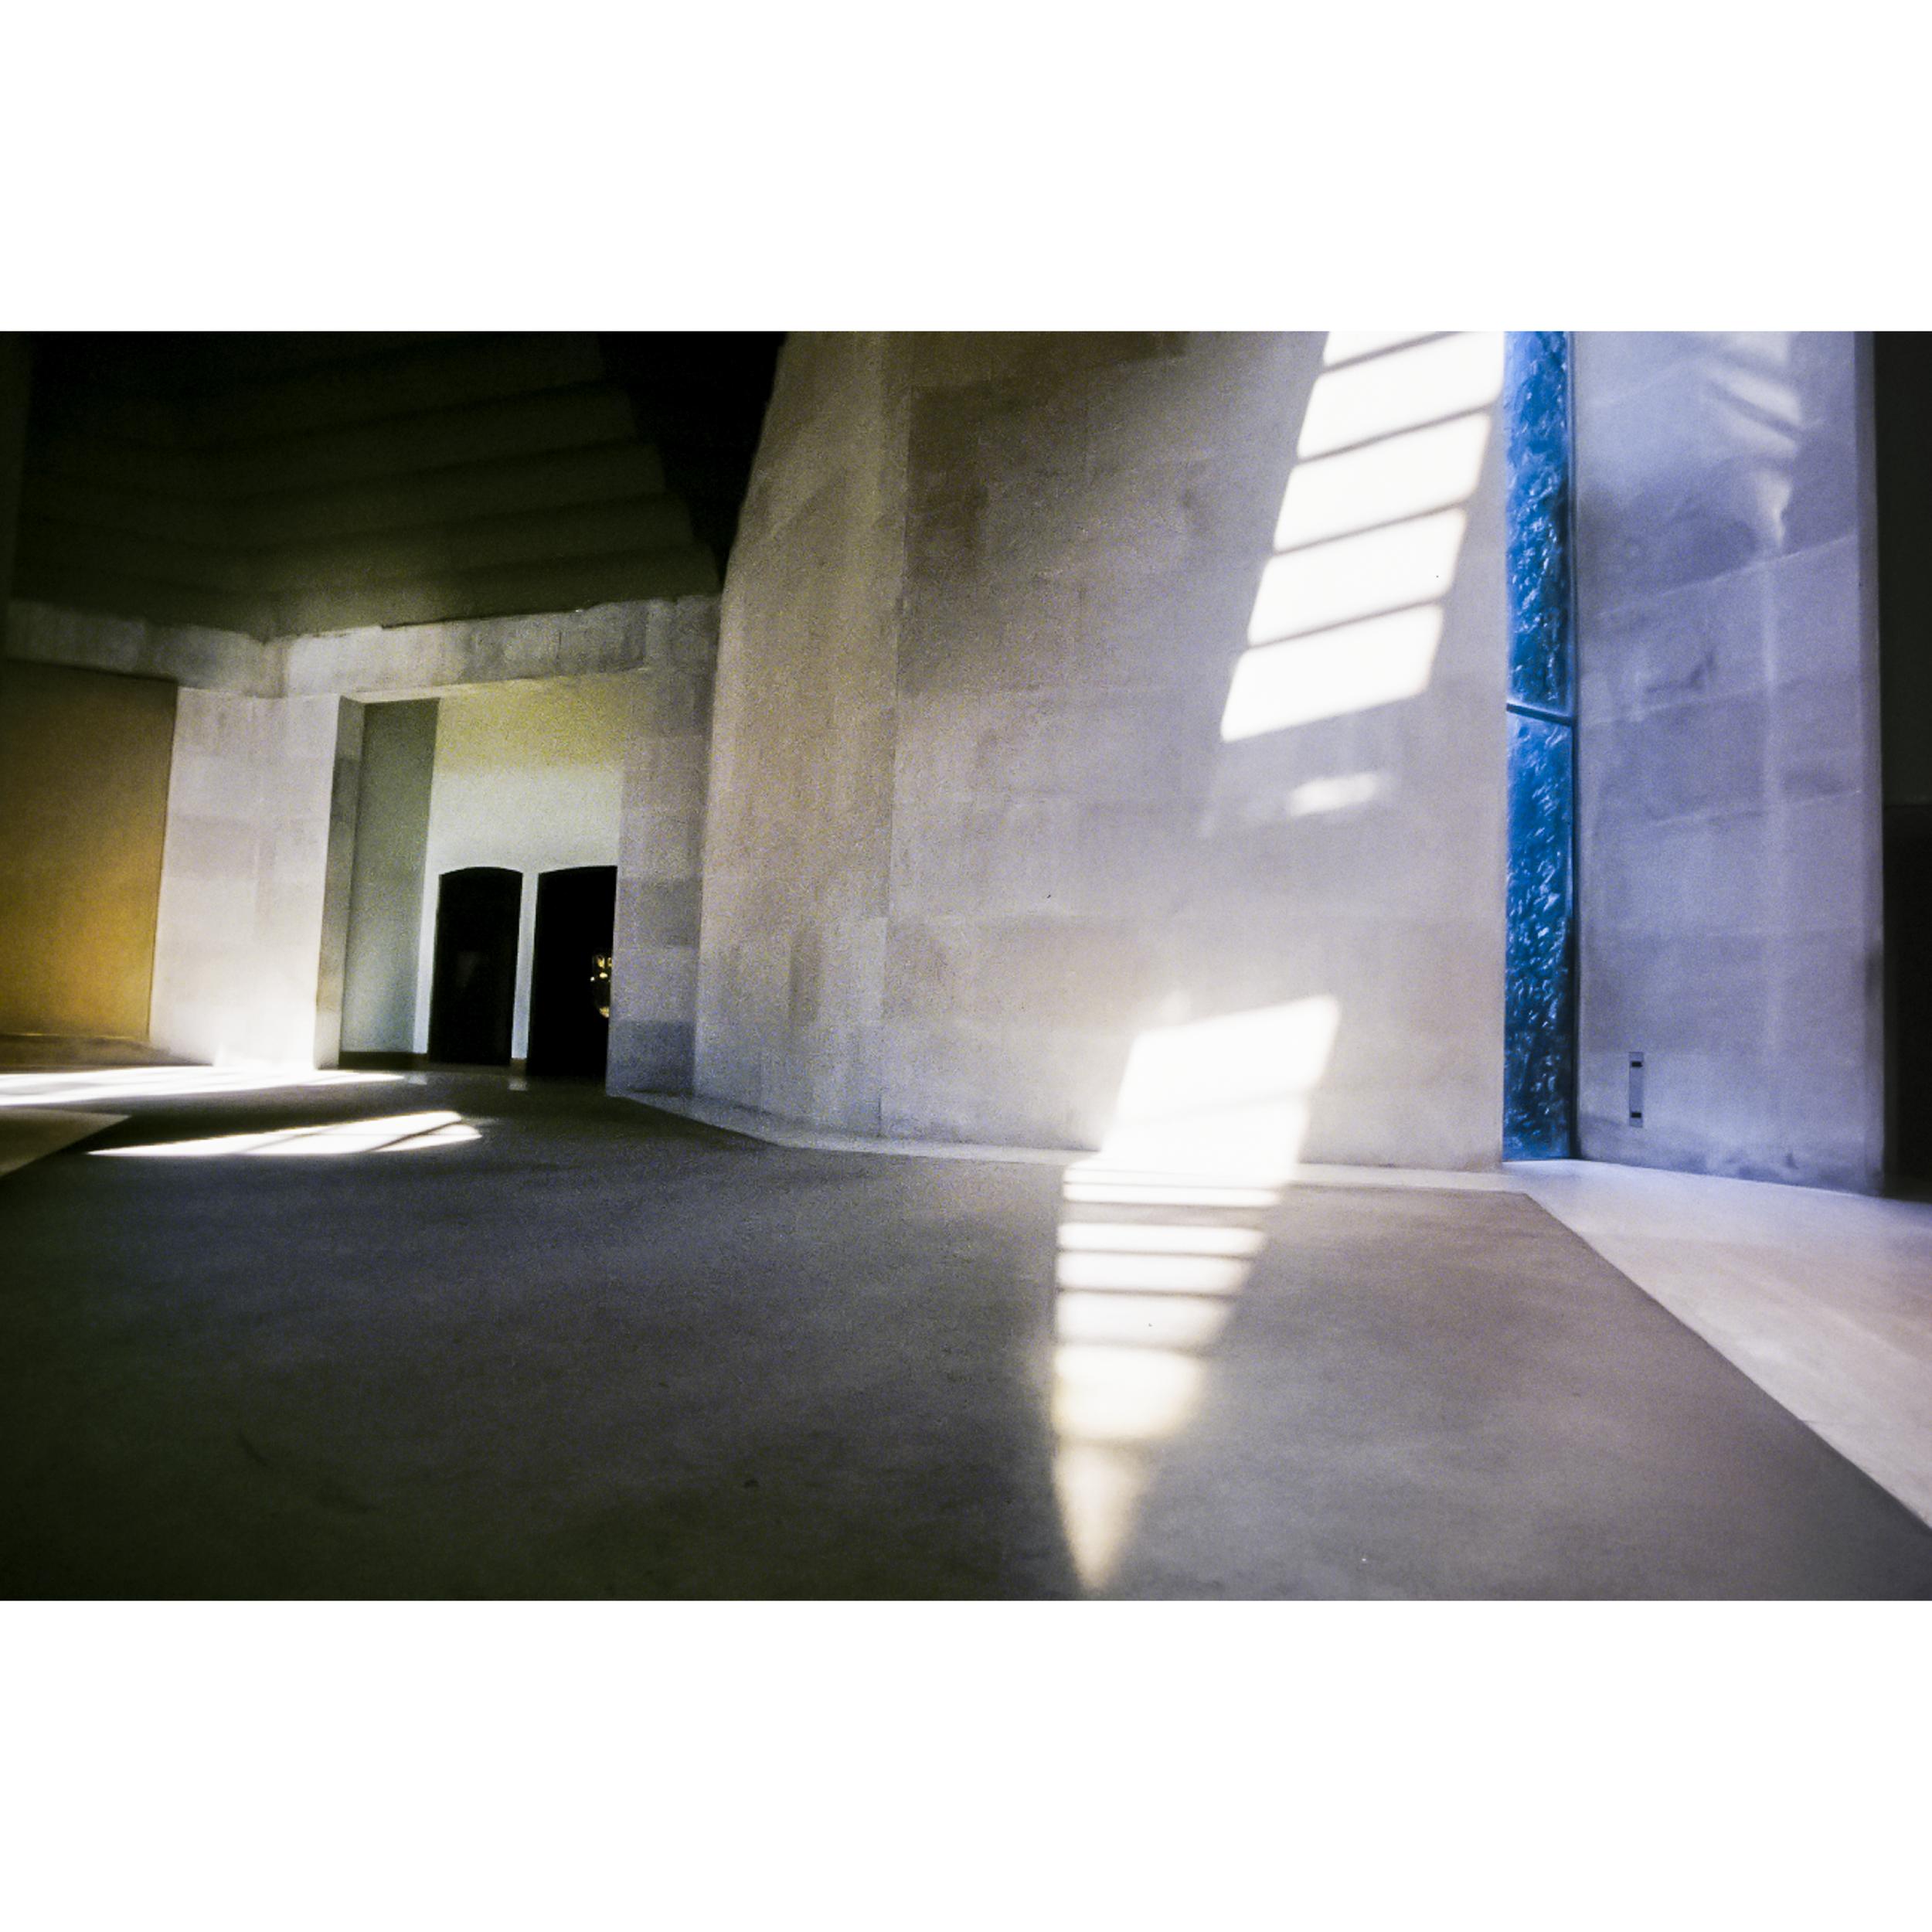 Lightroom (2000.02.CS02.JPG) copy.jpg